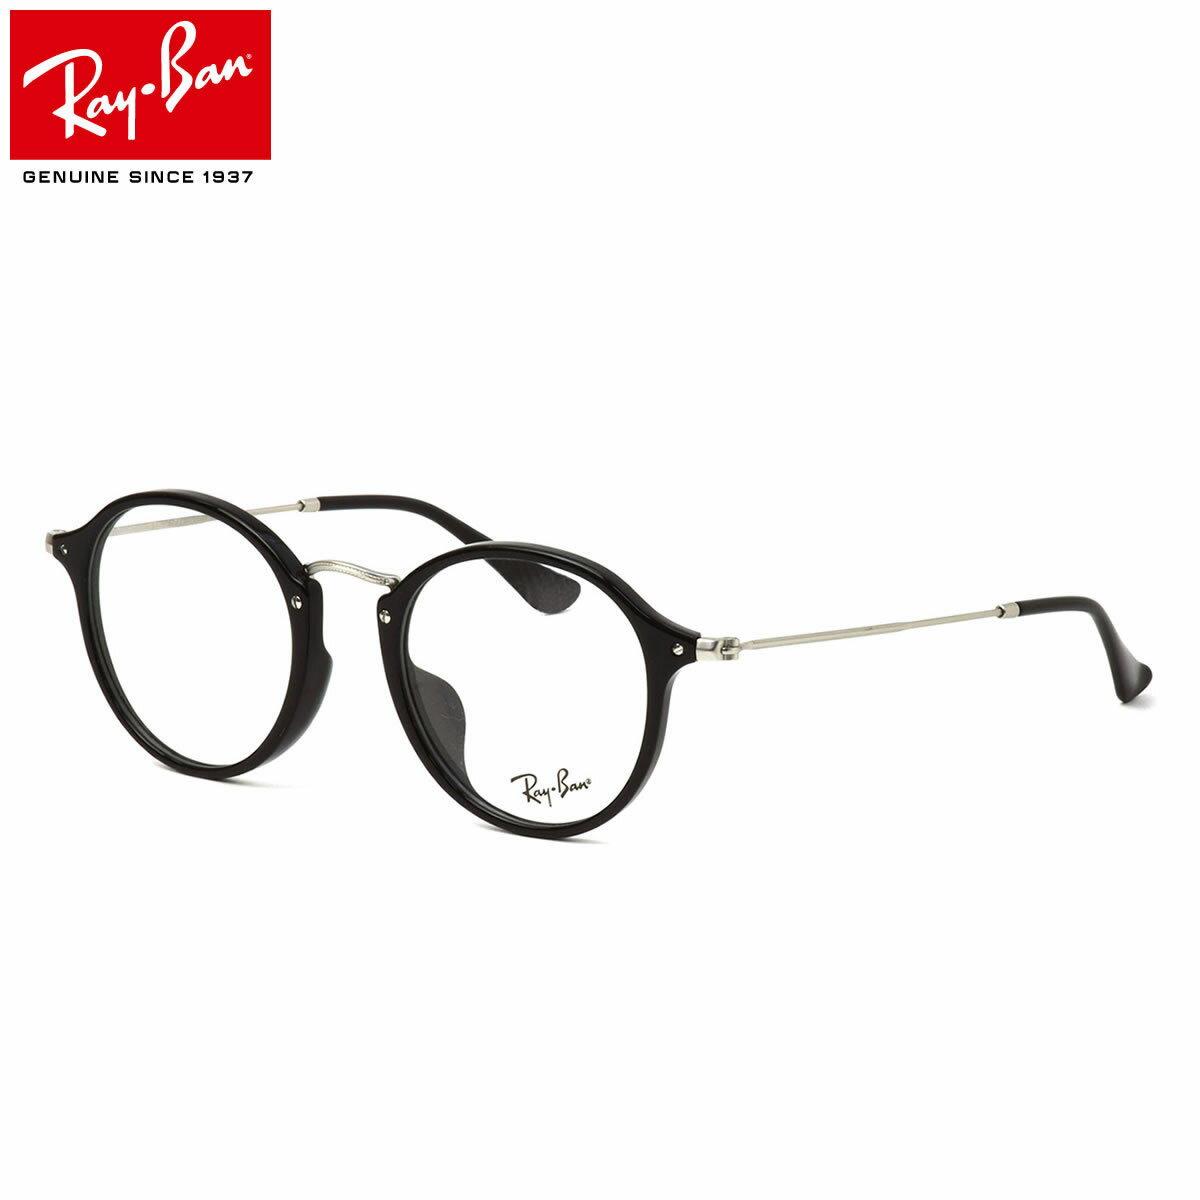 【Ray-Ban】(レイバン) メガネ フレーム RX2447VF 2000 49サイズ フルフィット ラウンド 丸メガネ ROUND レイバン RAYBAN メンズ レディース